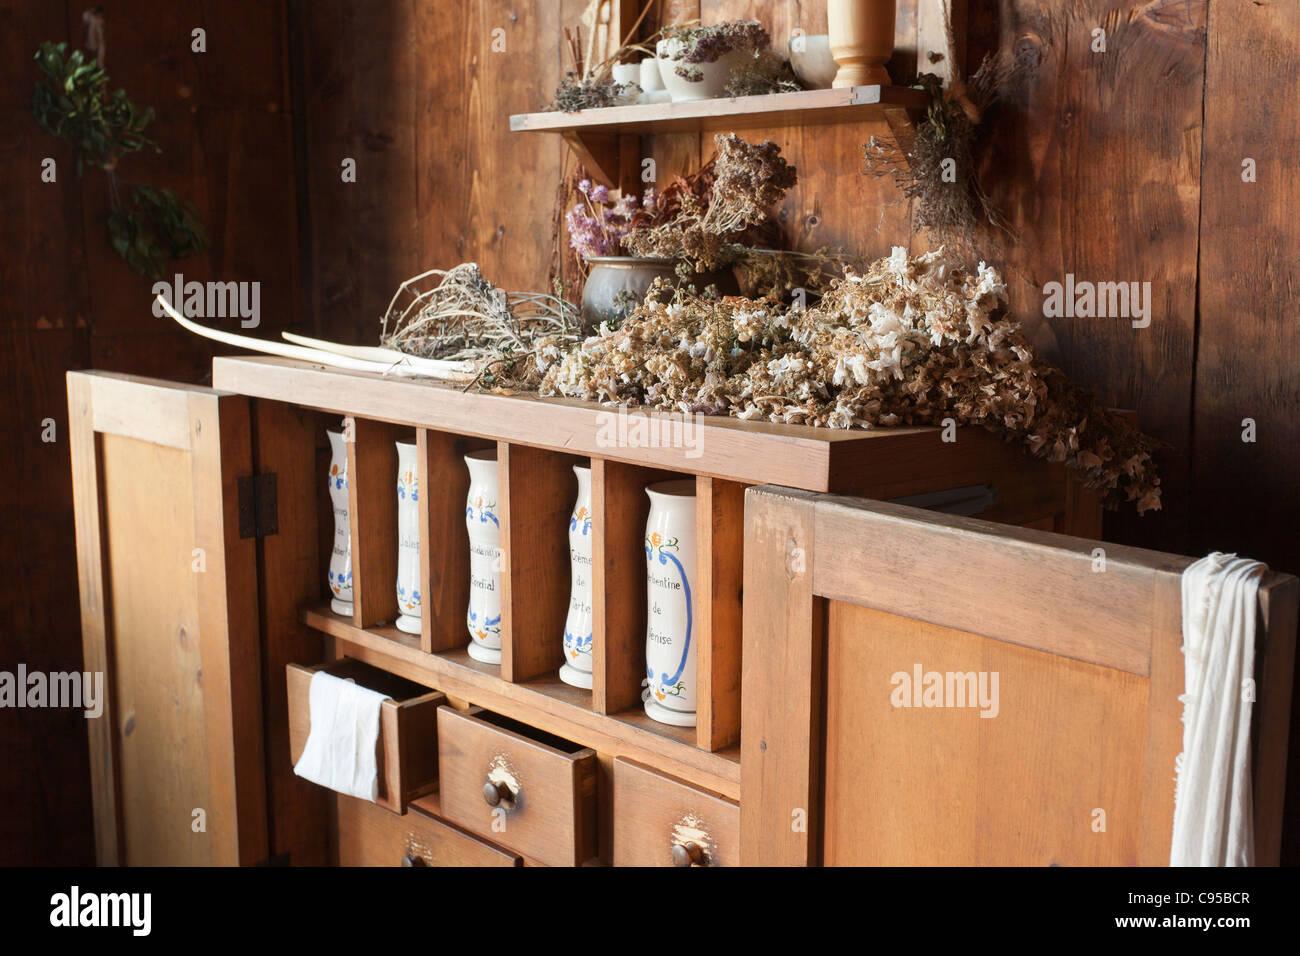 Speziale dello stand a Port Royal. Il ricostruito Port Royal abitazione edificata agli inizi del seicento Immagini Stock